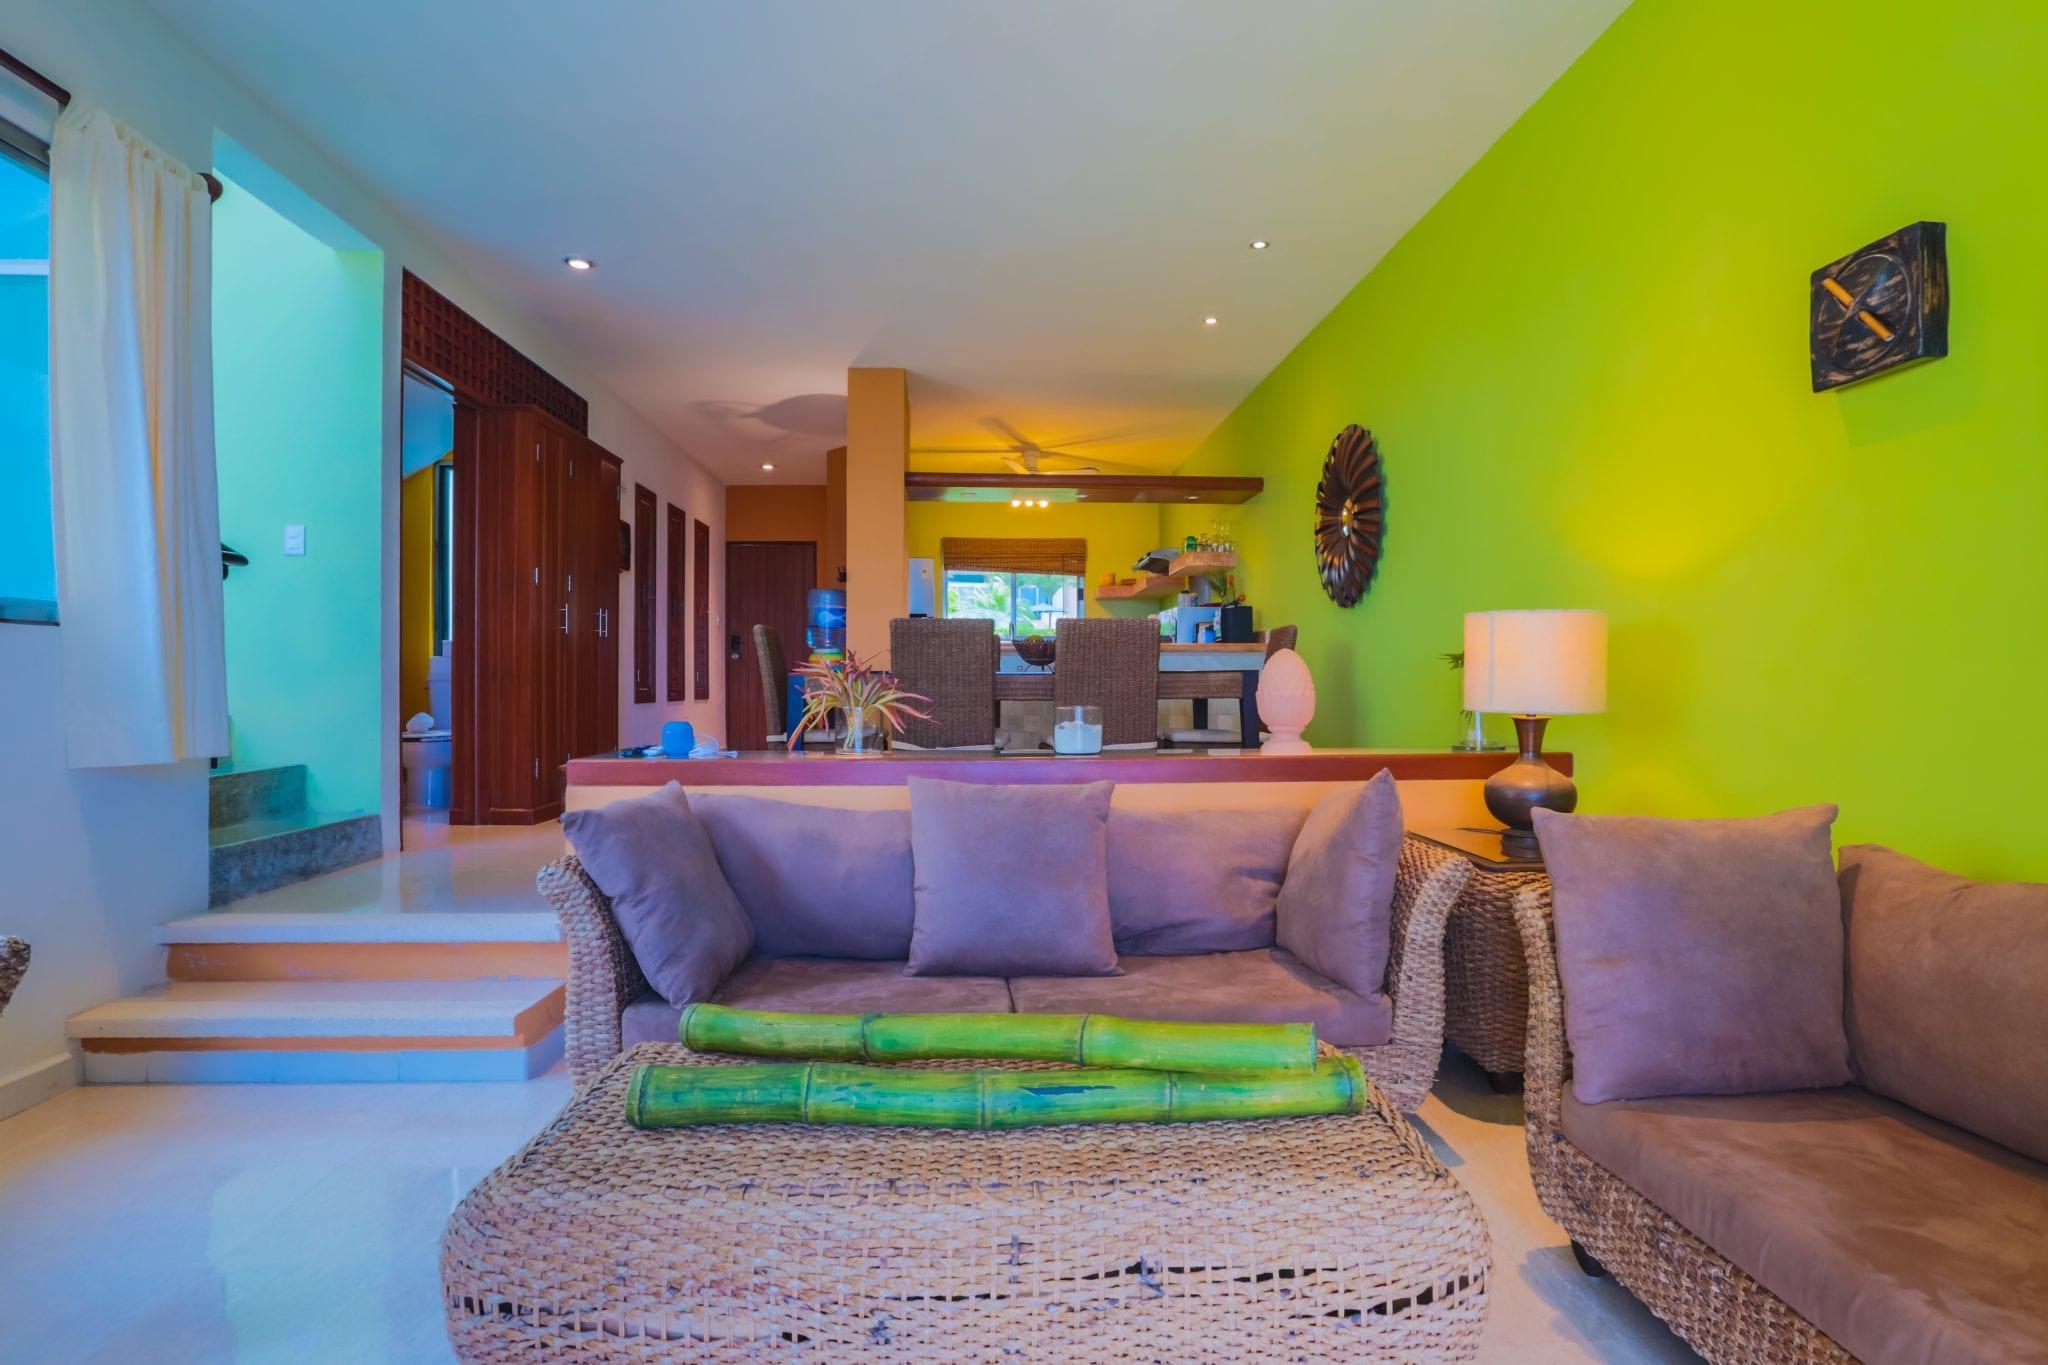 Casita B - Living Room